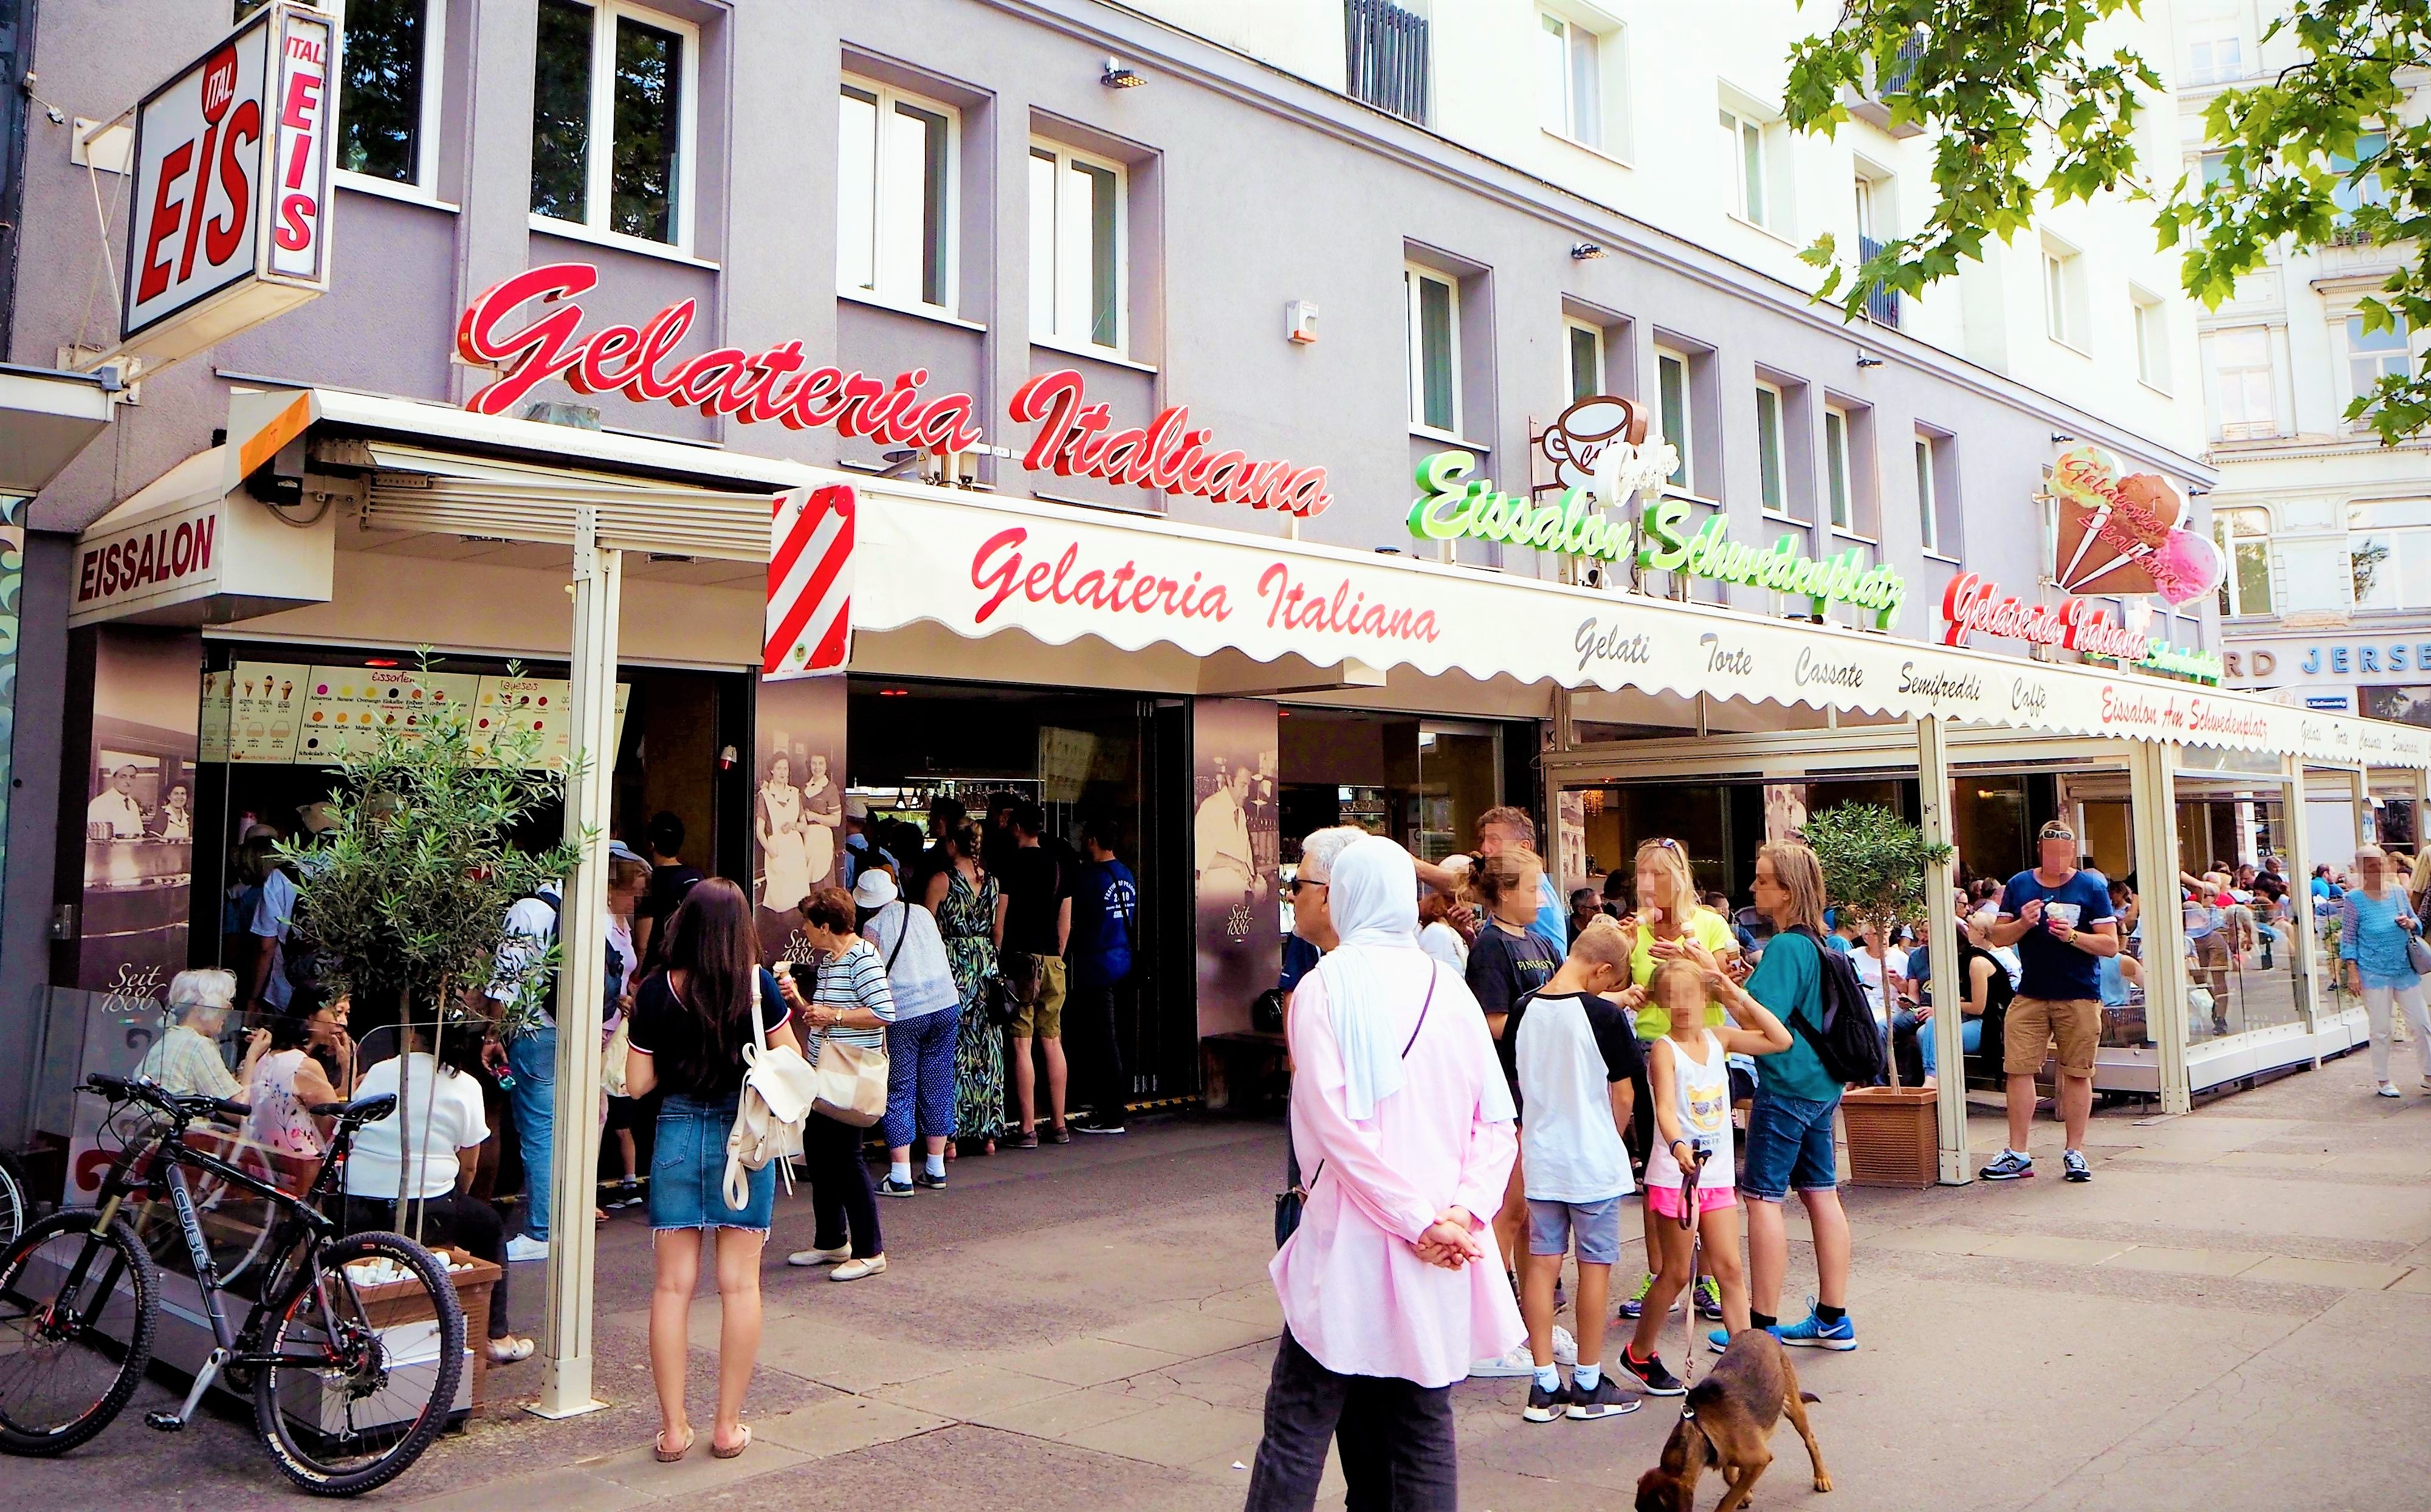 ウィーンの夏はアイスクリームが熱い!おすすめのアイスサロン4選♡